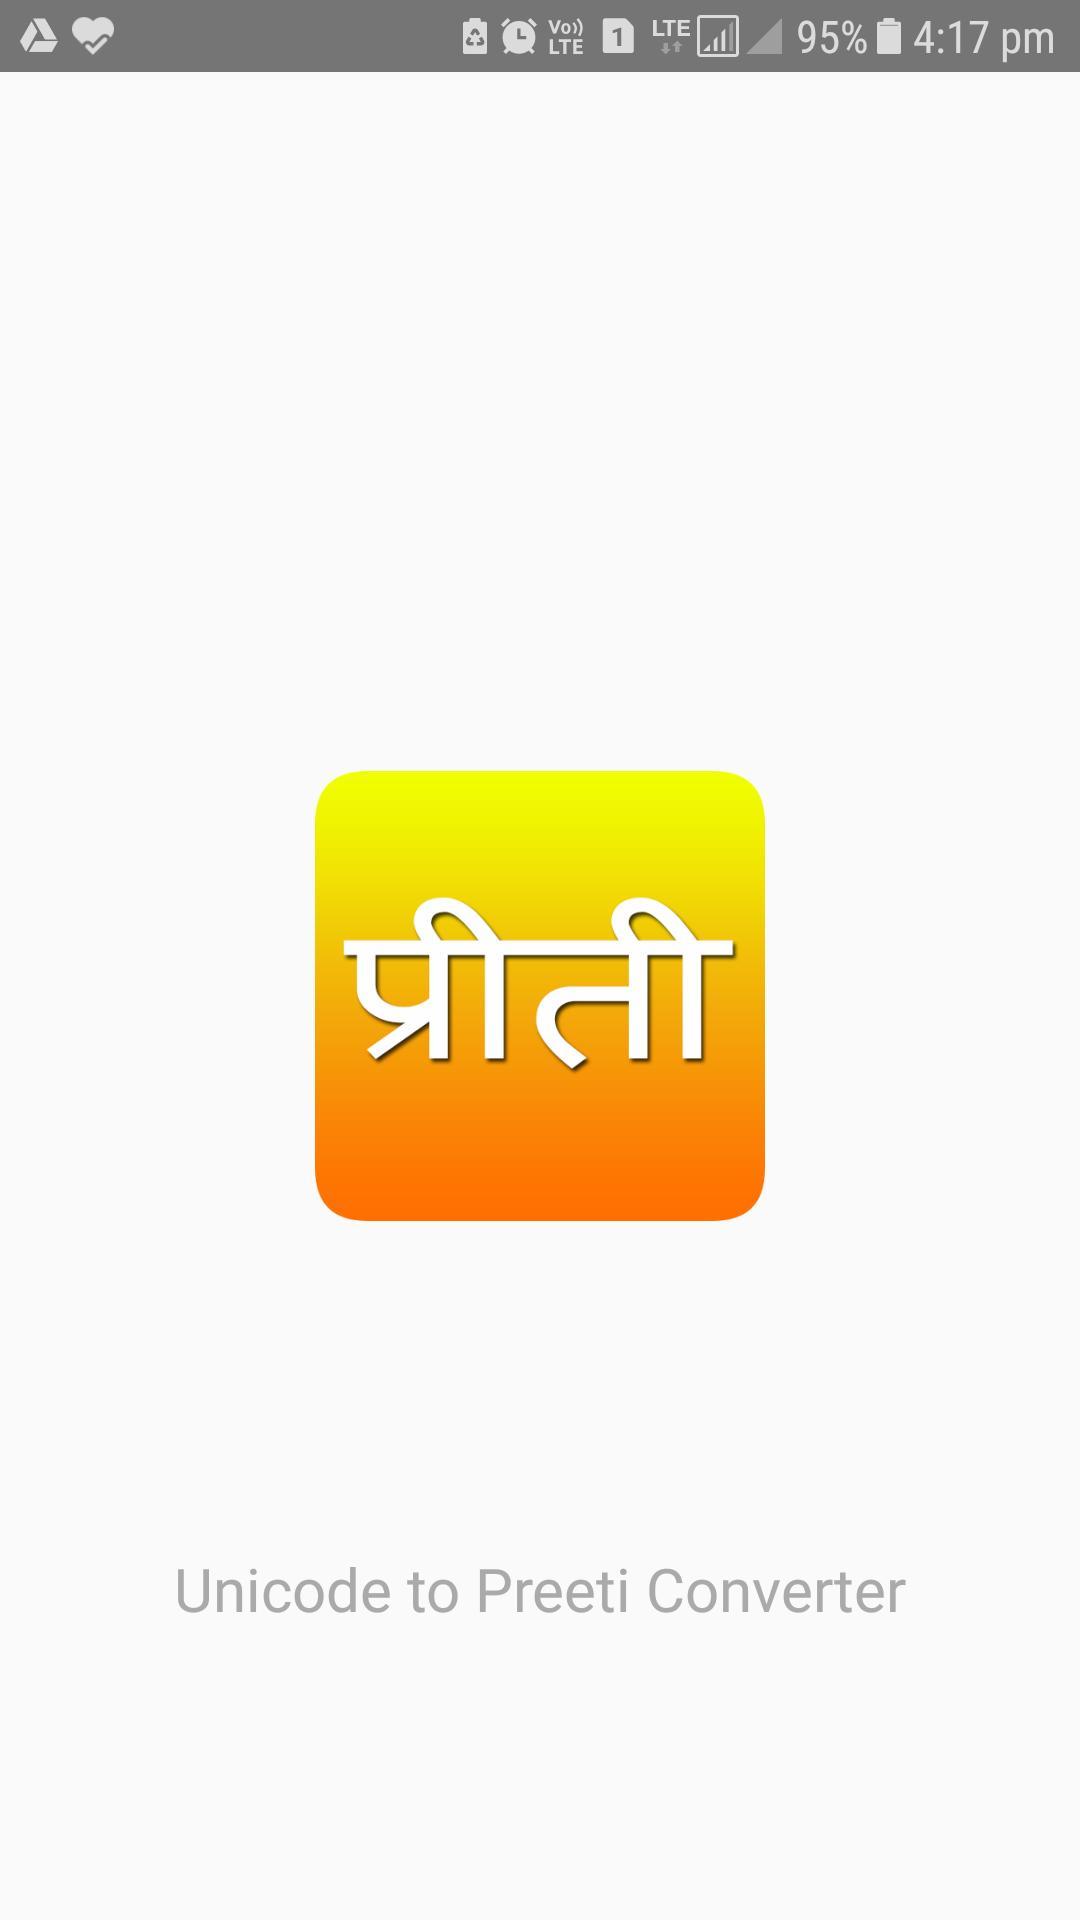 Unicode convert to preeti online